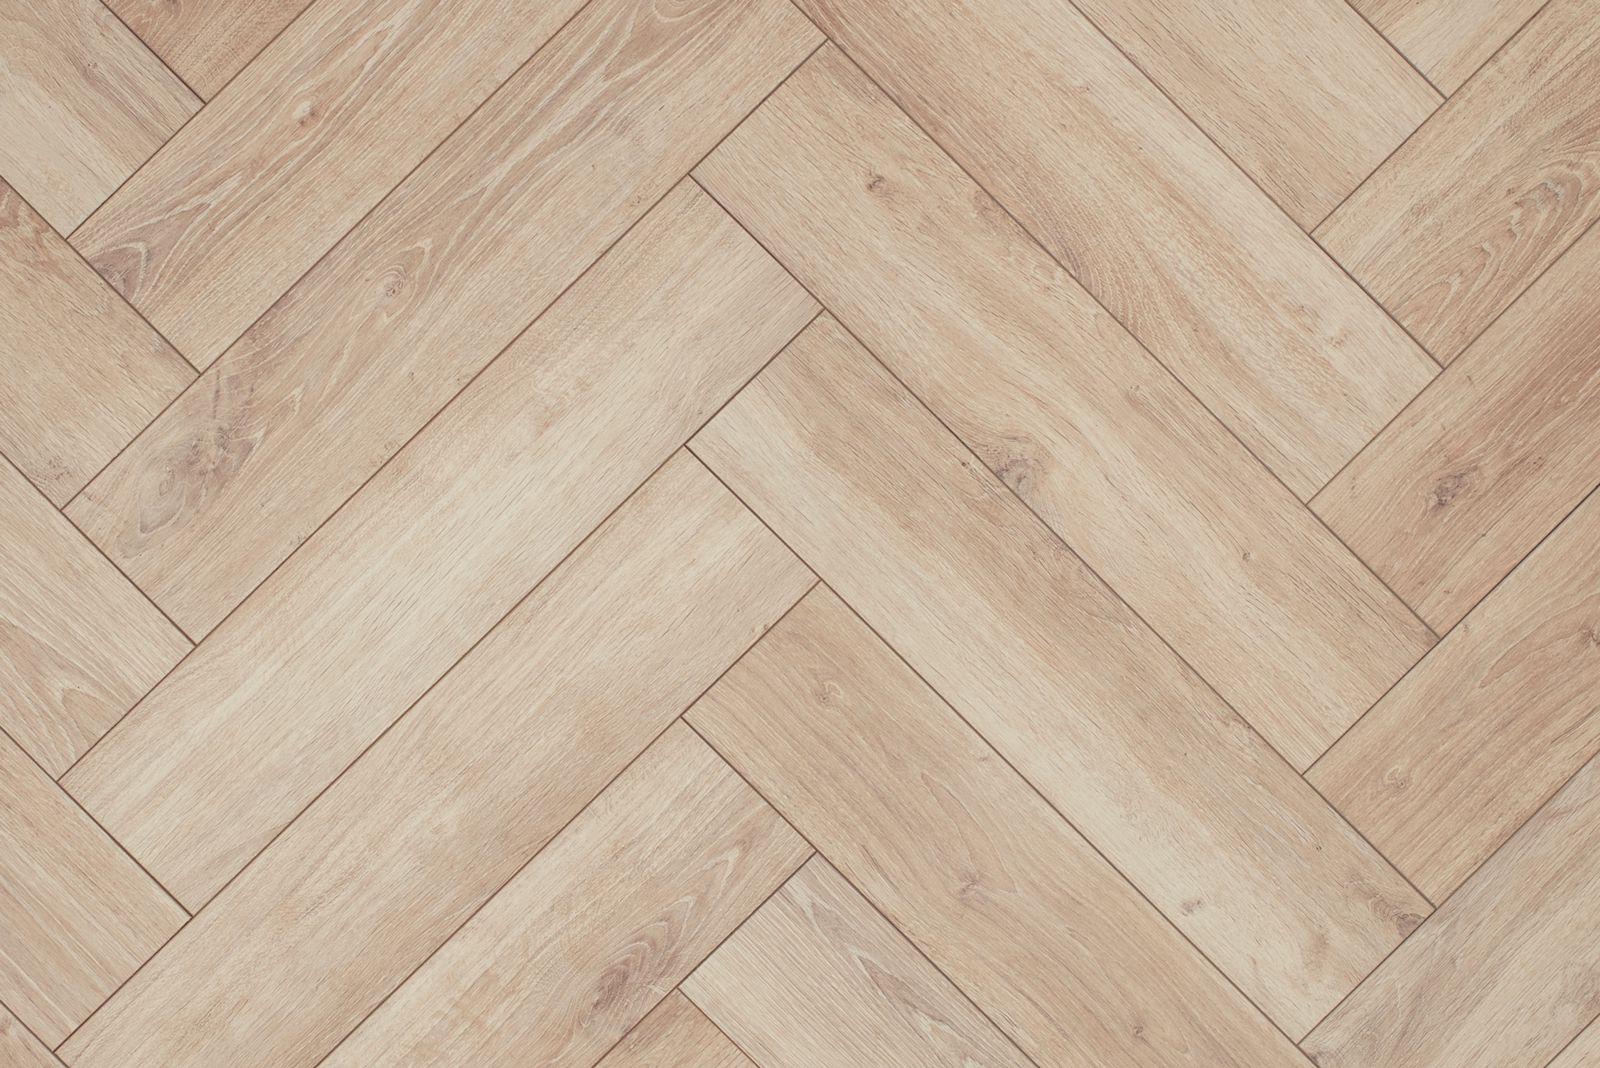 Proefplanken parket laminaat pvc vinyl vloeren floer quick step